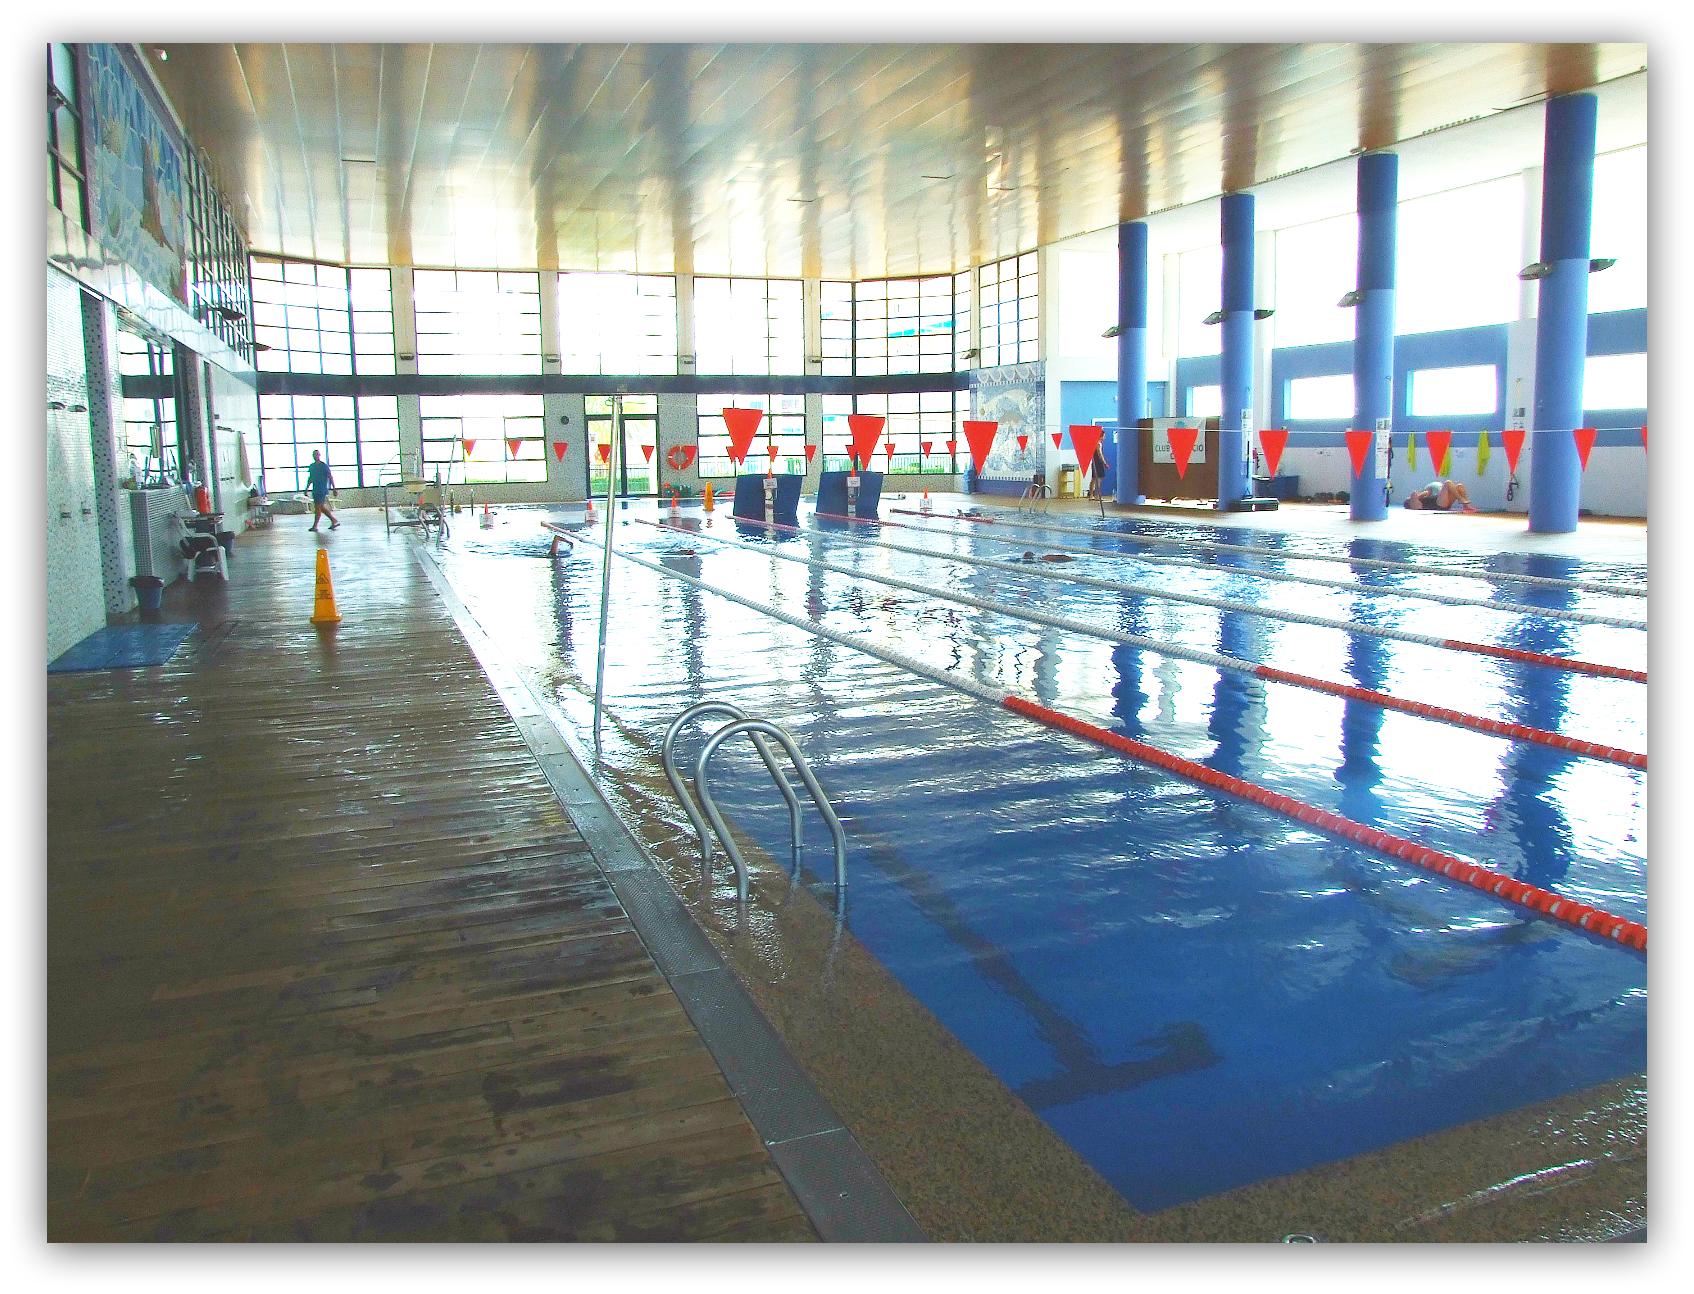 Instalaciones deportivas ayuntamiento de calp for Piscina municipal alicante